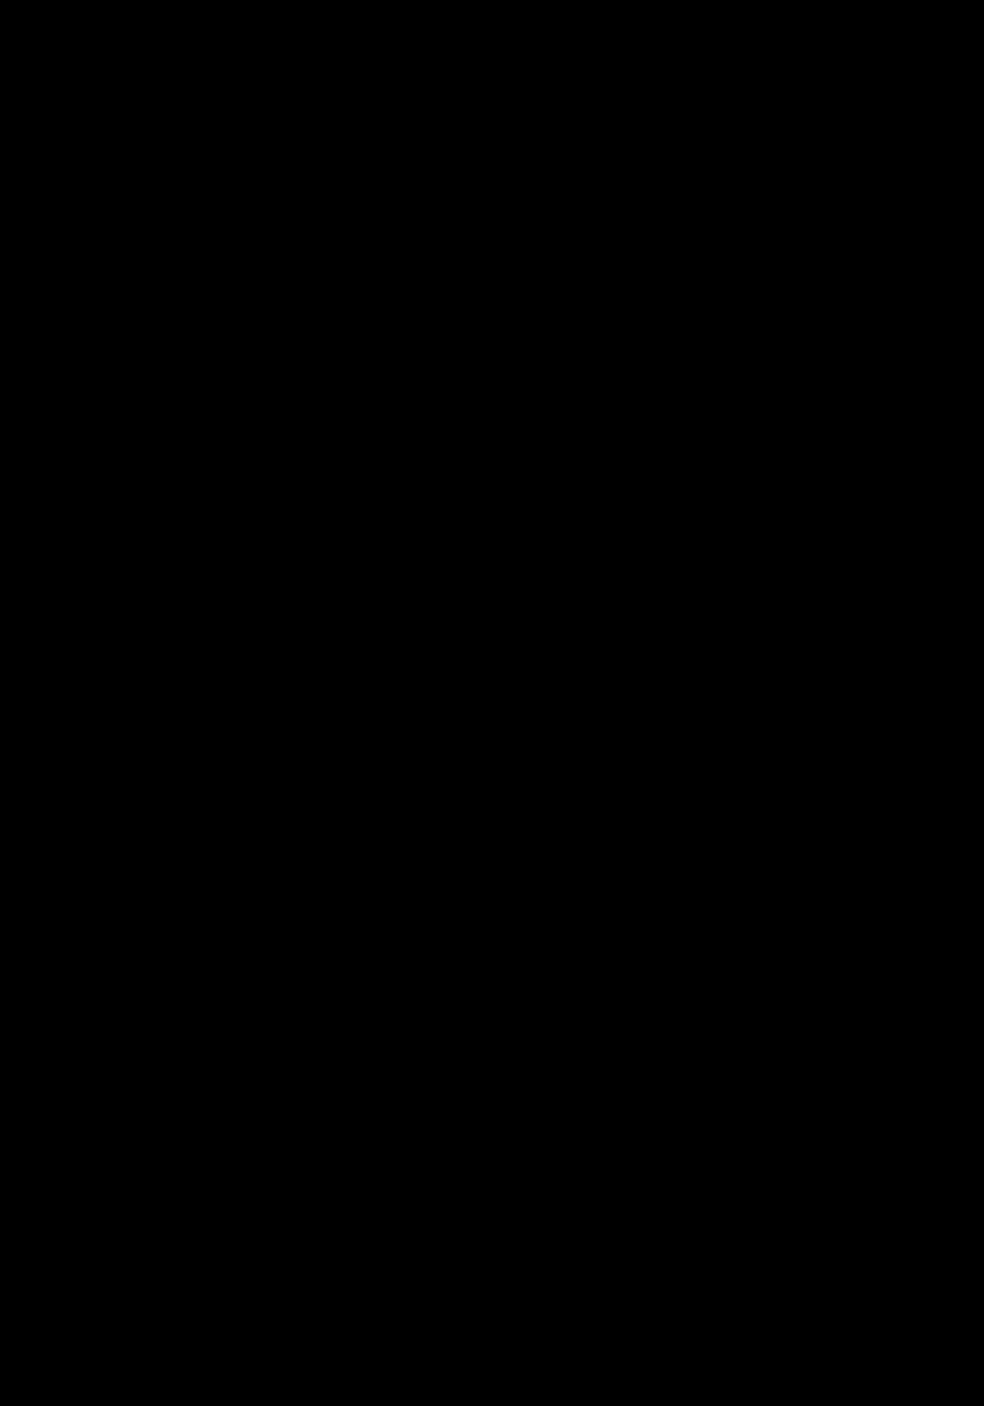 アンチック(中見出し) KF-A 縦組見本